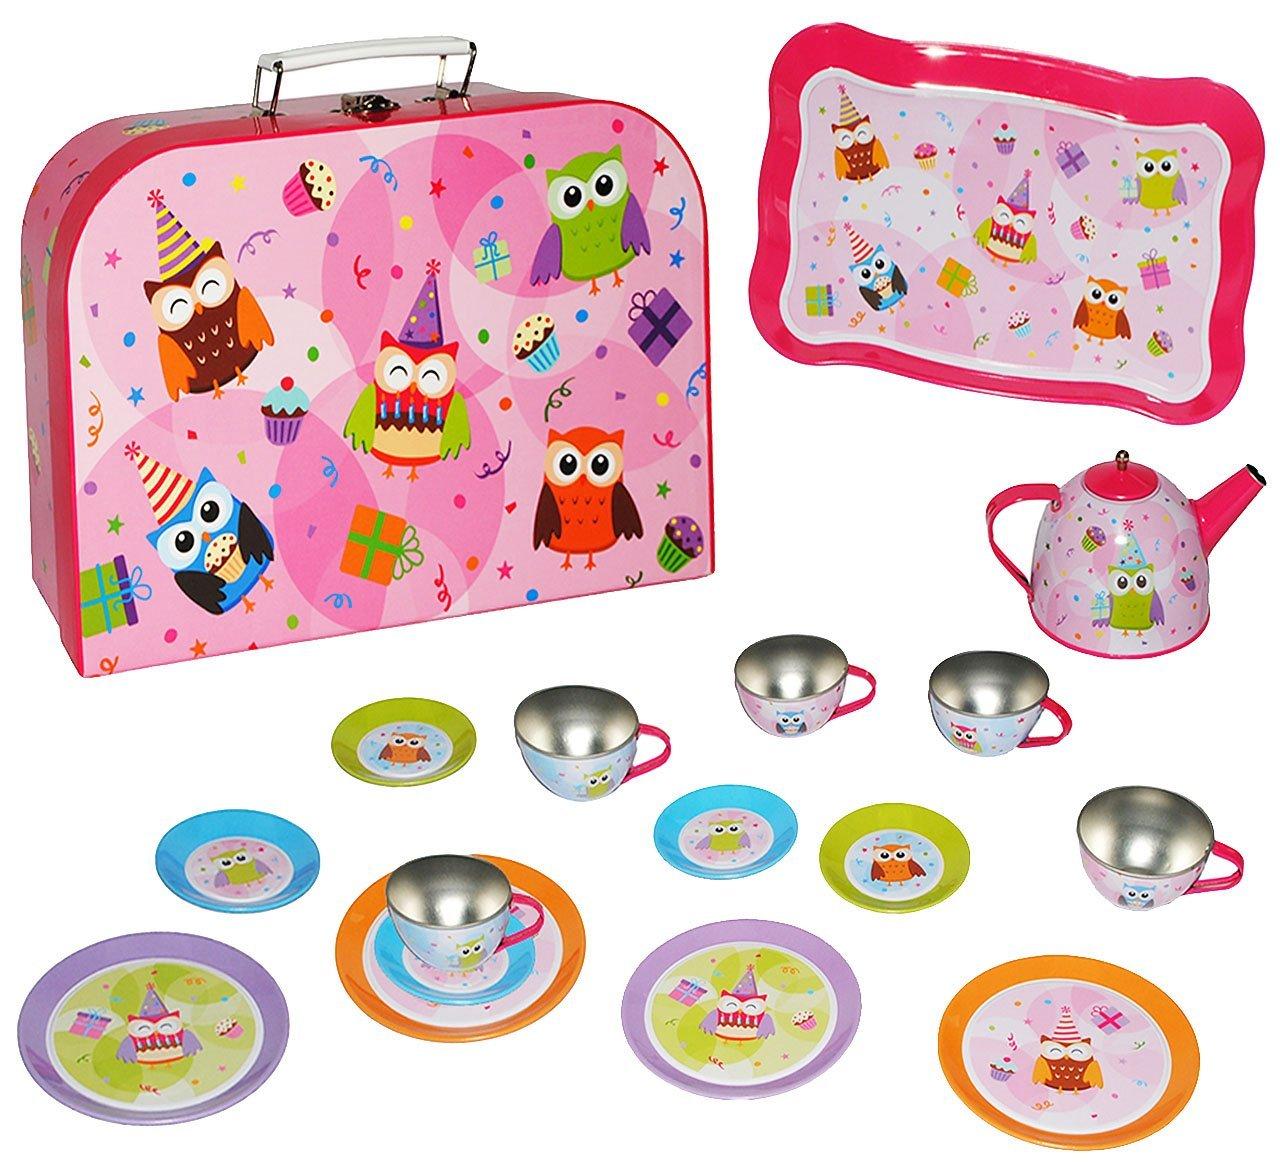 Namen   Mit Metall U0026 Blech Geschirr   Spiel Küche   Zubehör Koffer    Picknickkorb Für Kinder Mädchen Puppengeschirr ...